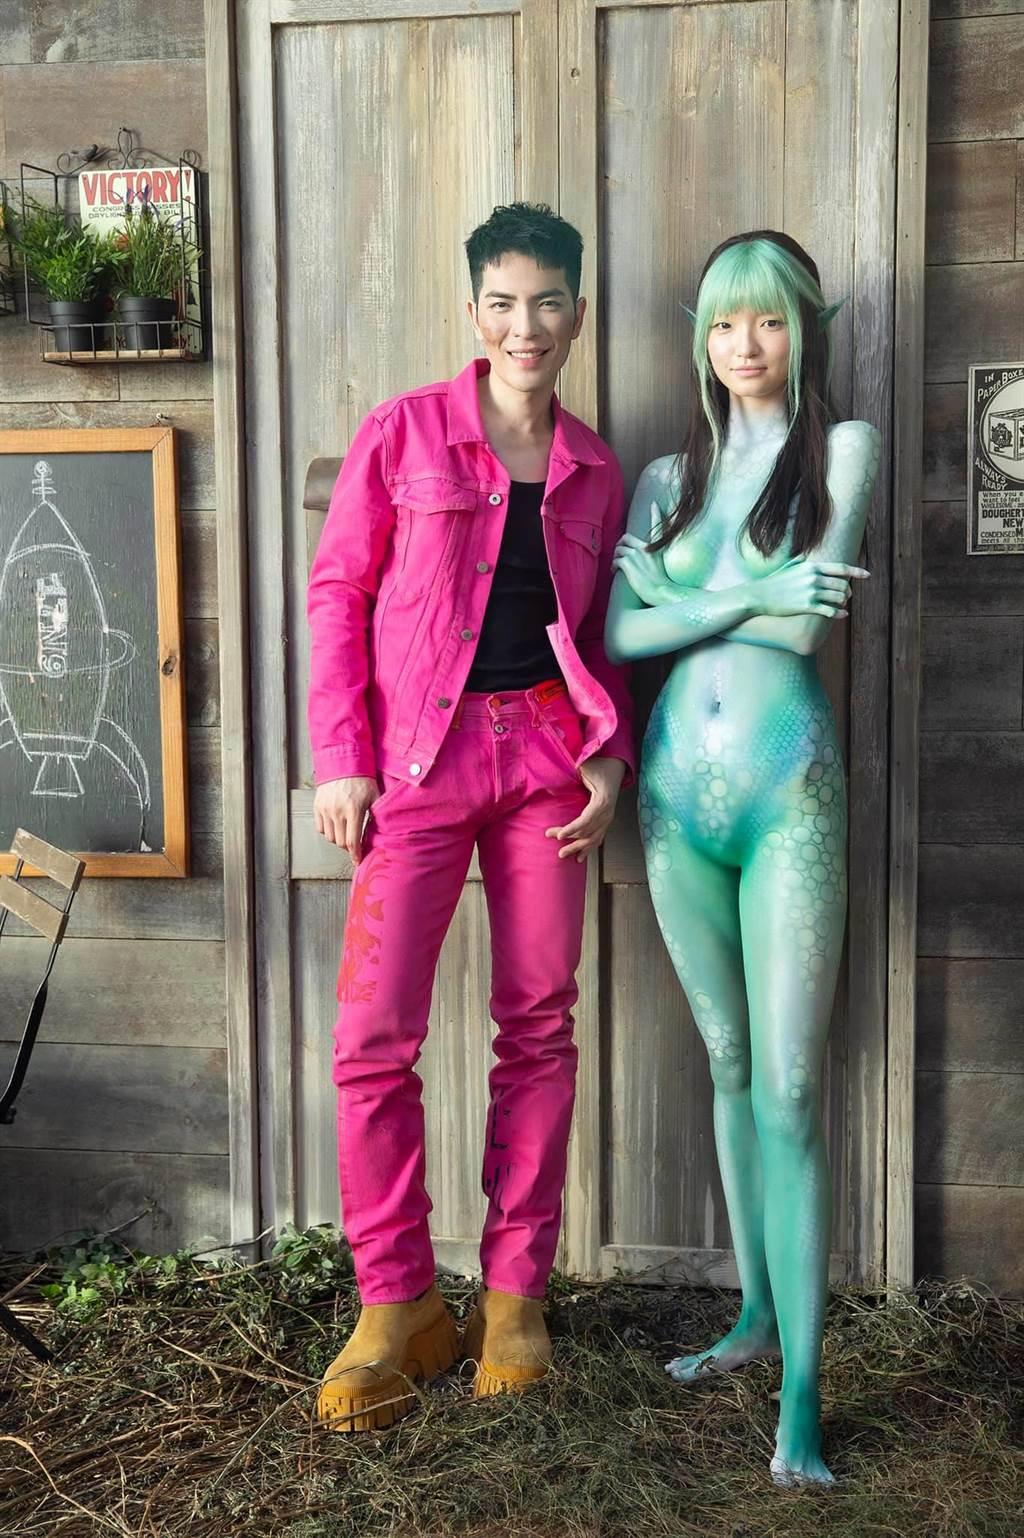 「石湖綠」展現外星人的奇幻朦朧美。(翻攝自喜鵲娛樂臉書)